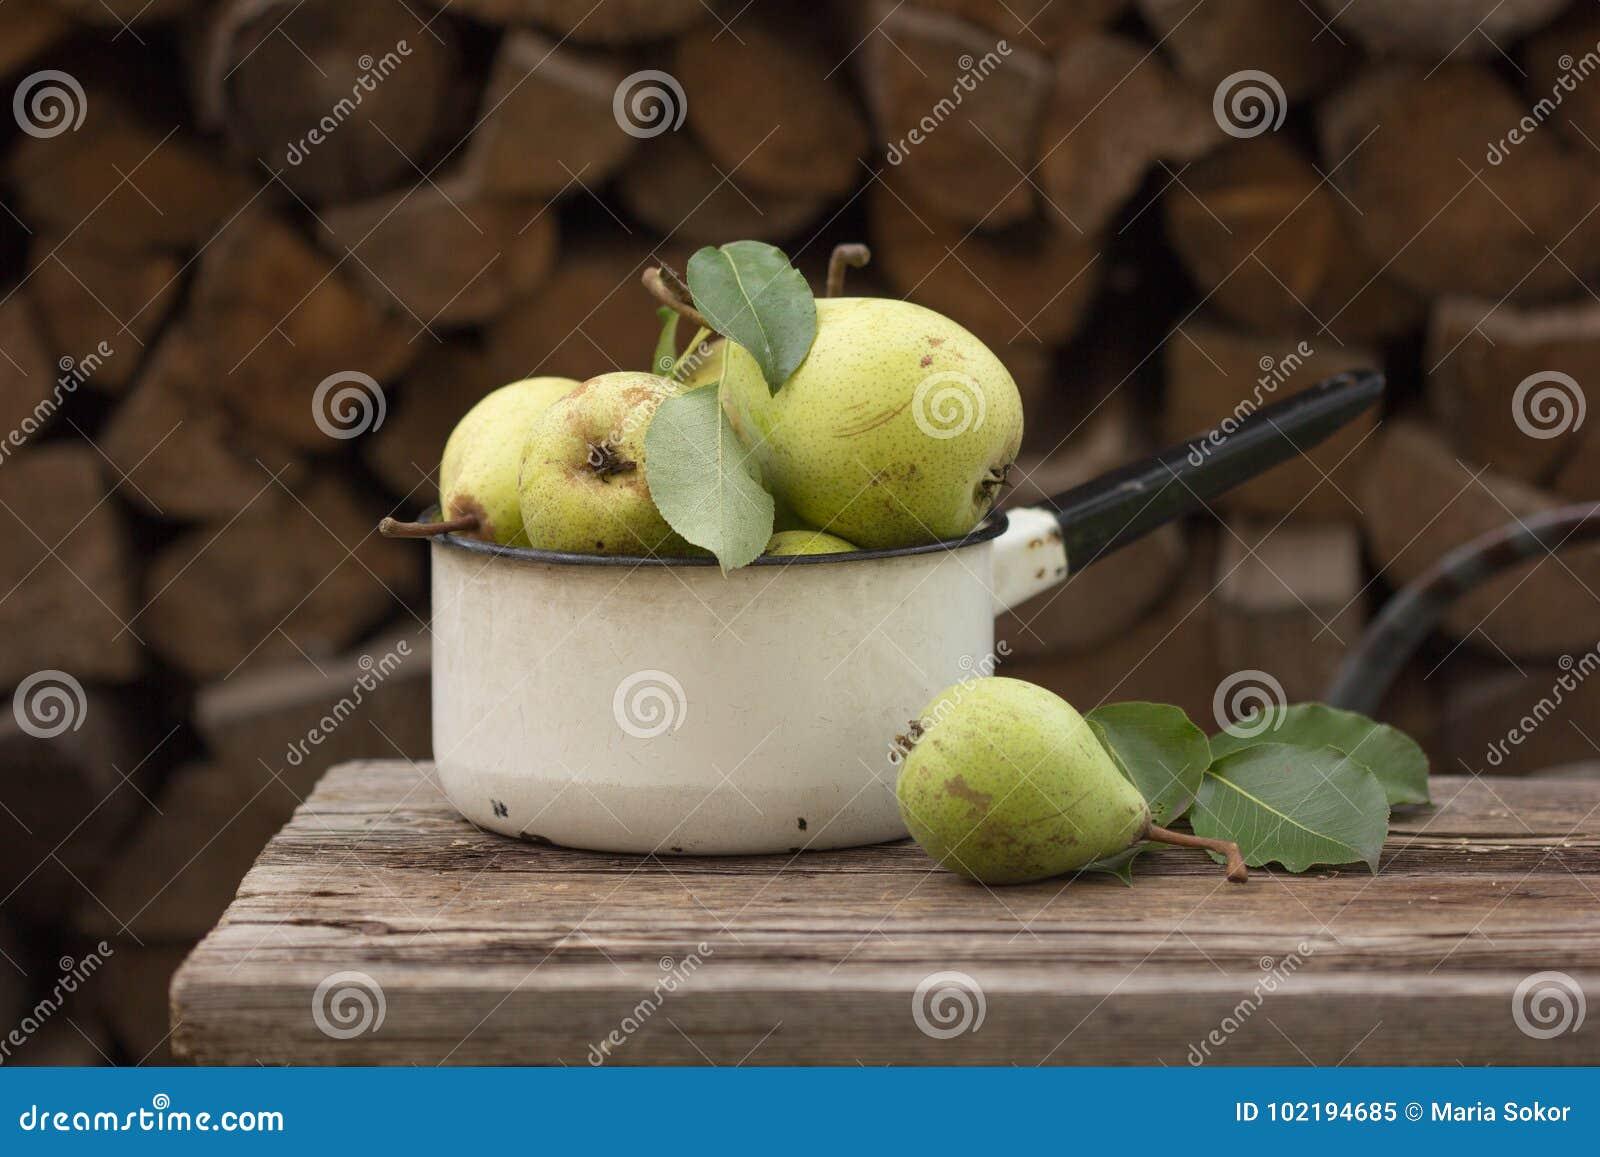 Manzanas maduras frescas en el plato Manzanas de la cosecha en huerta del verano Fruta y verdura orgánica